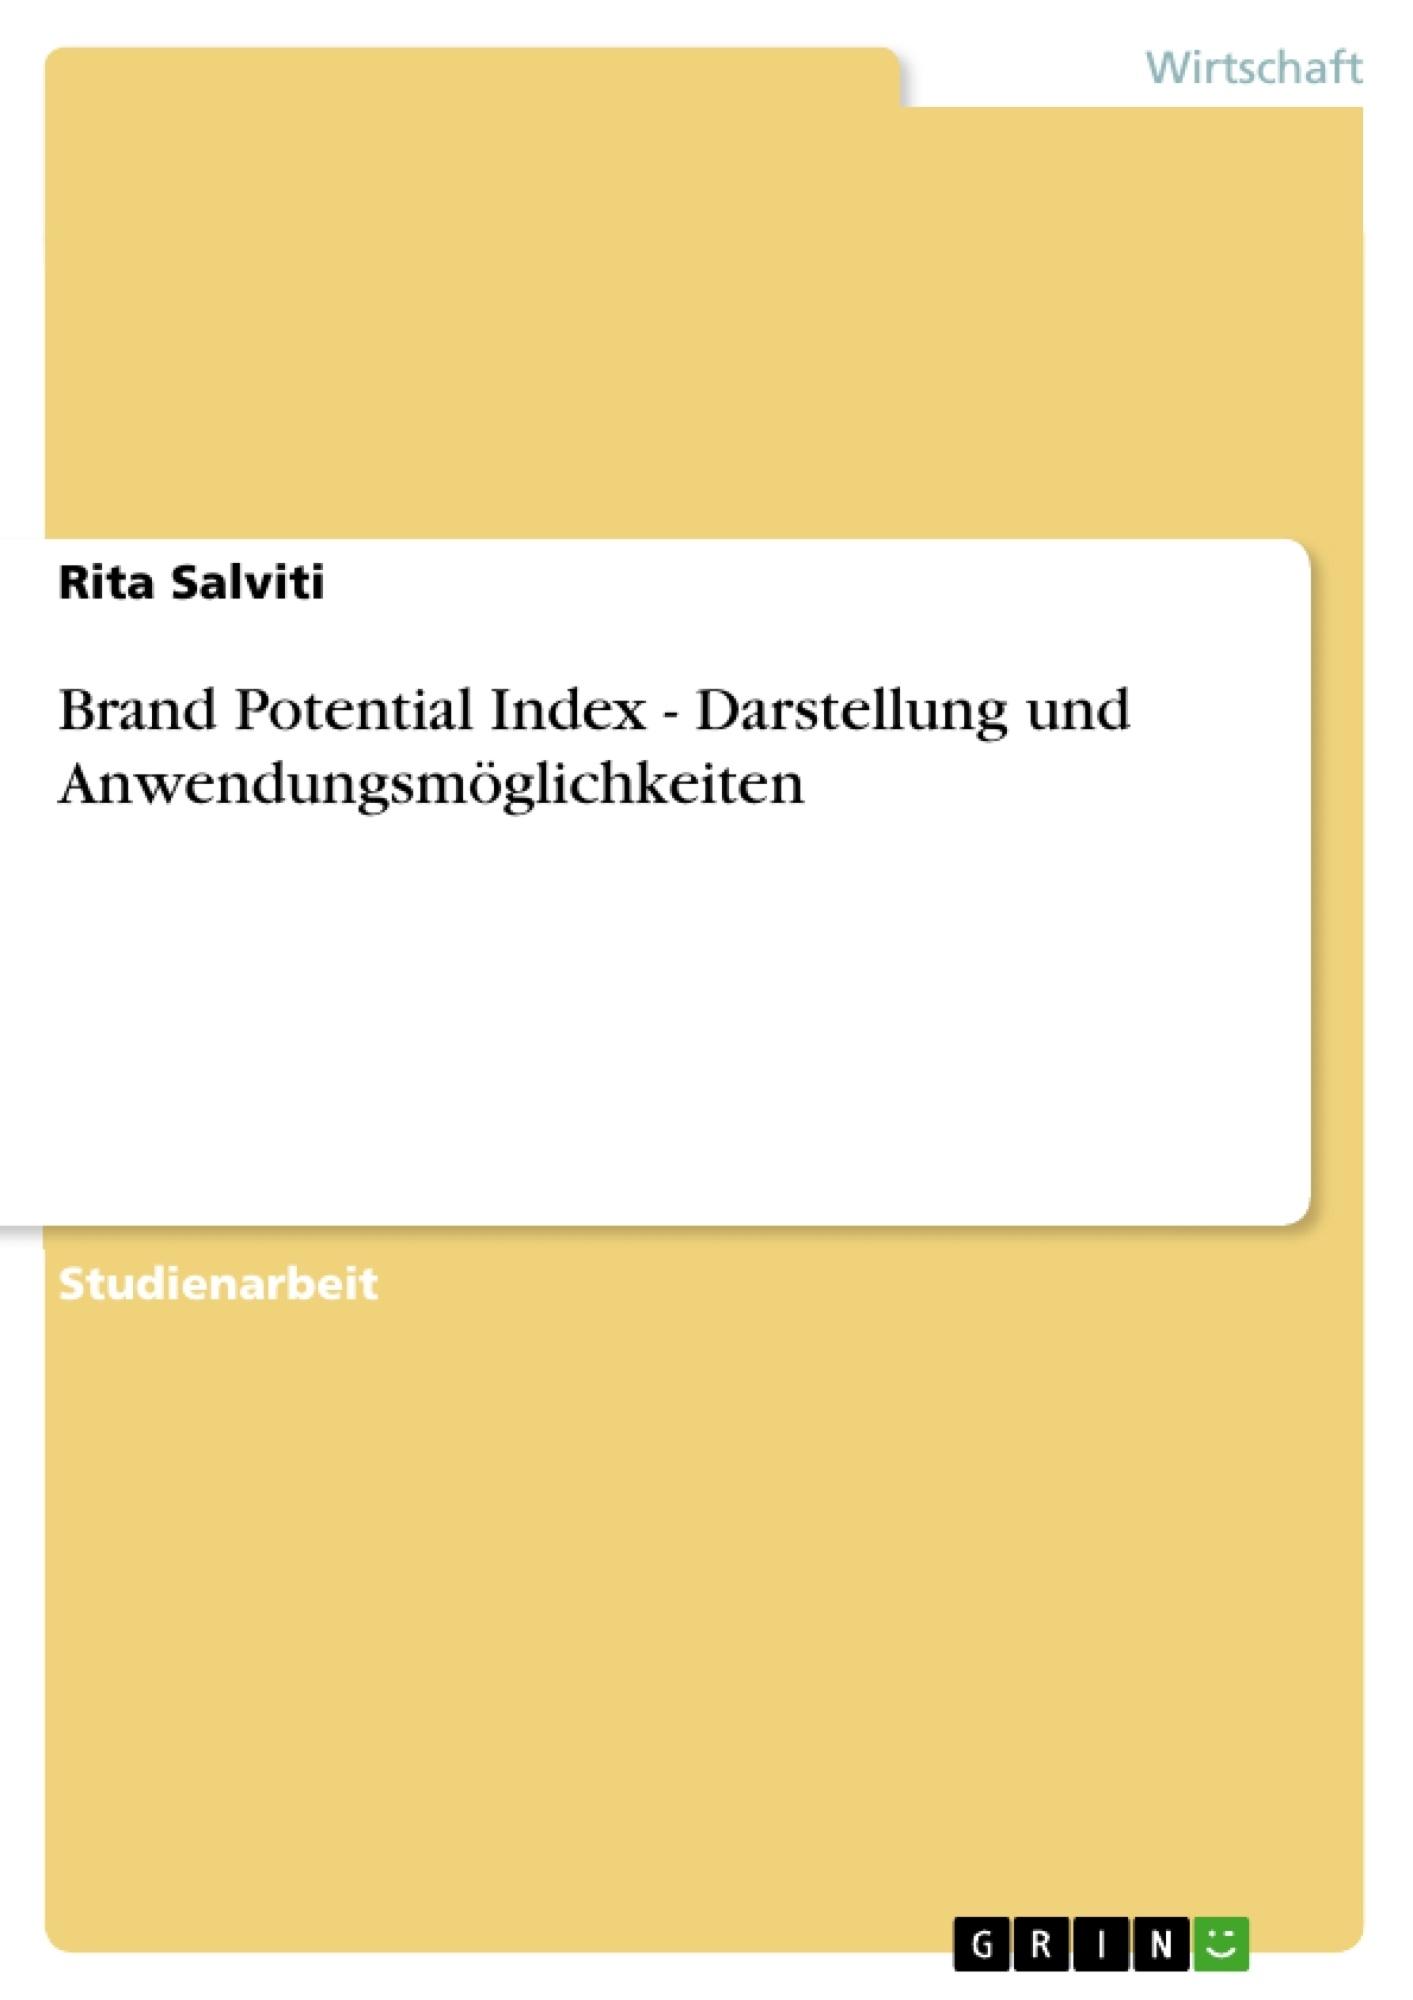 Titel: Brand Potential Index - Darstellung und Anwendungsmöglichkeiten